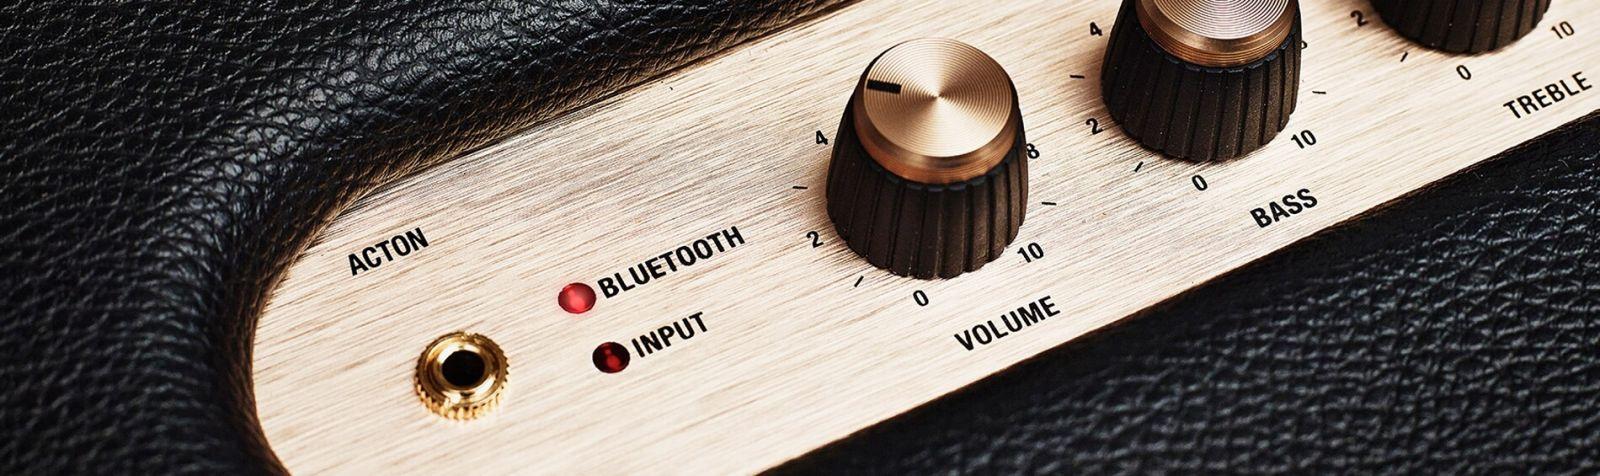 Loa bluetoothActon được trang bị nút chỉnh bass và treble